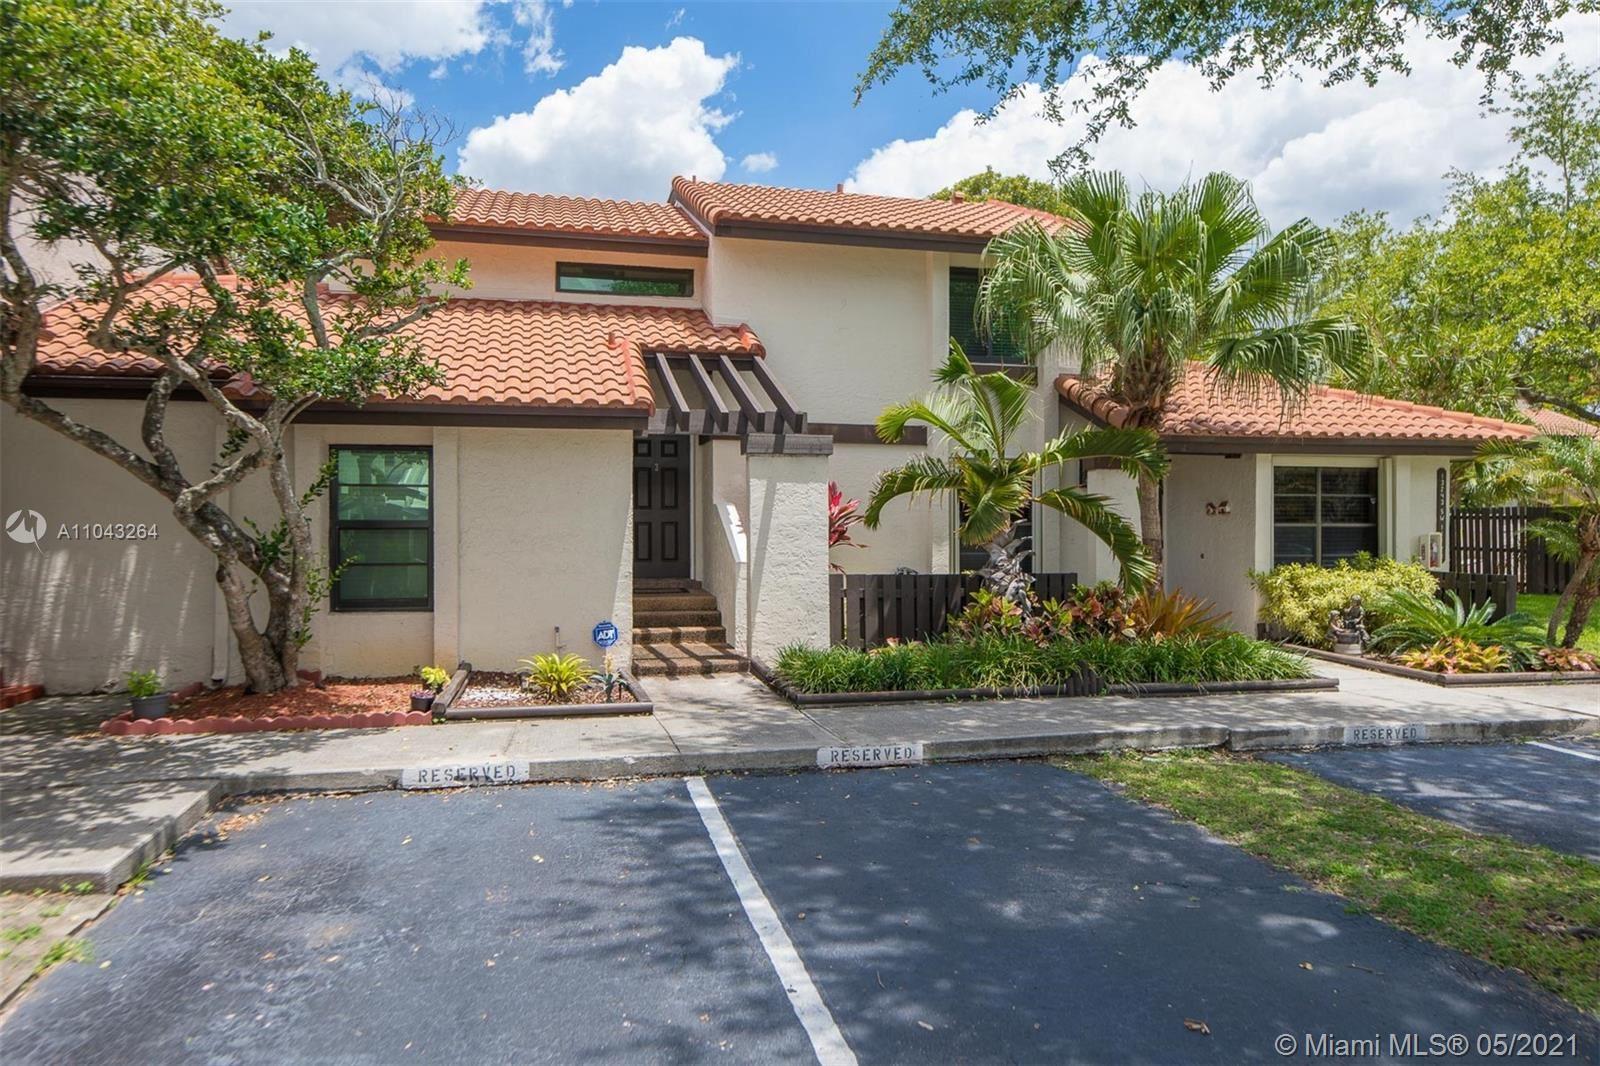 13243 SW 111th Ter #29-3, Miami, FL 33186 - #: A11043264